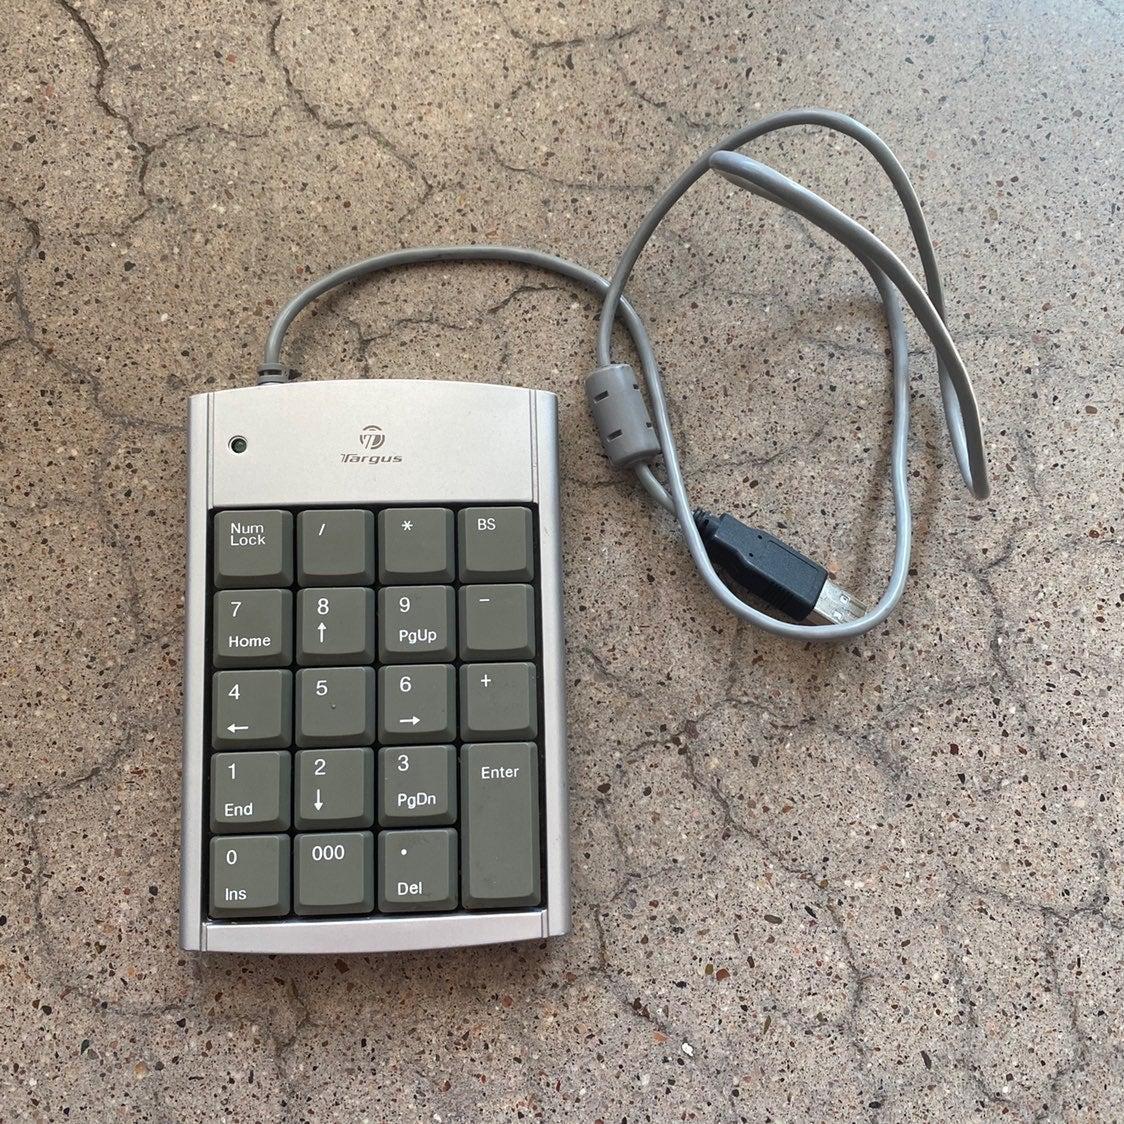 Targus • 10 Key USB Number Pad • Office